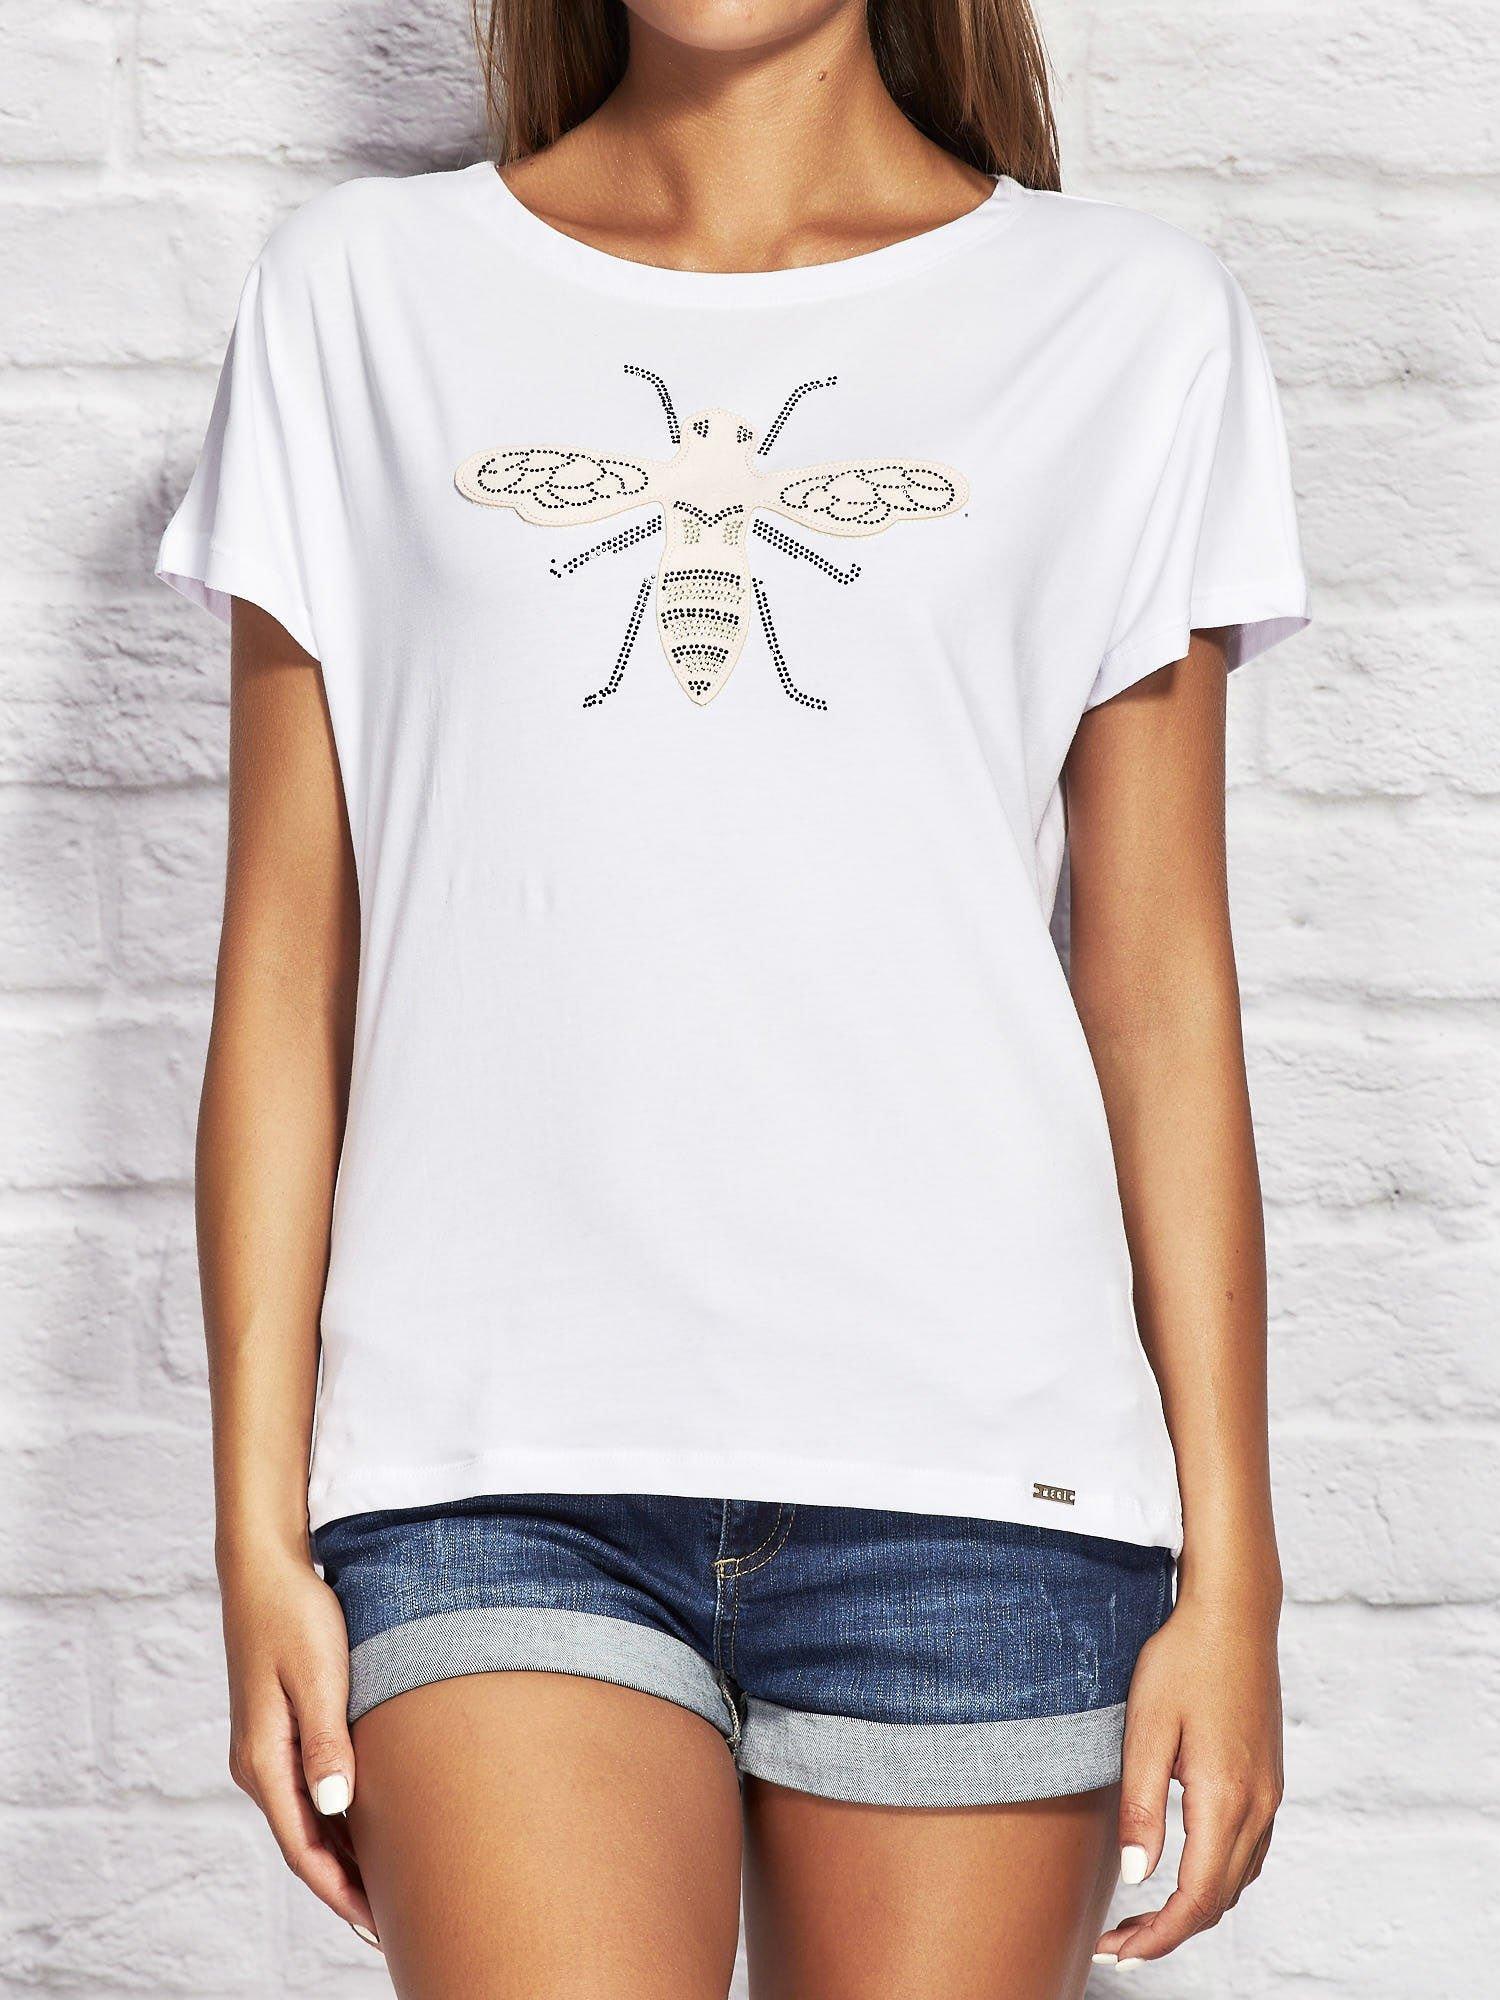 3beddf8b9a8416 T-shirt damski z naszywką owada biały - T-shirt jednokolorowy ...